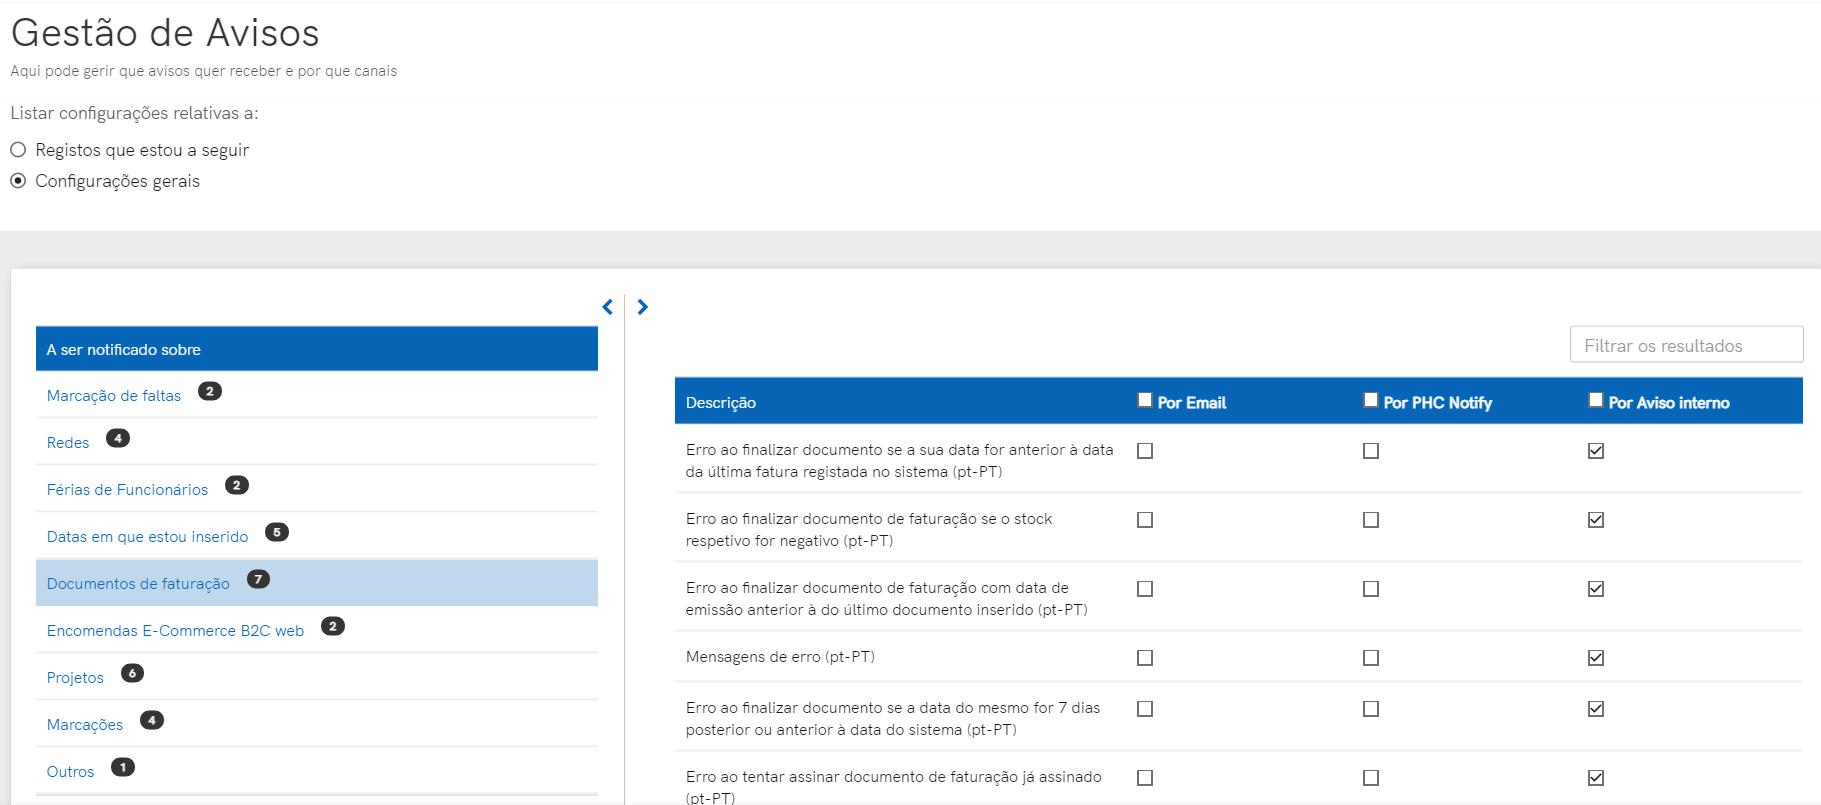 MicrosoftTeams-image-12-1